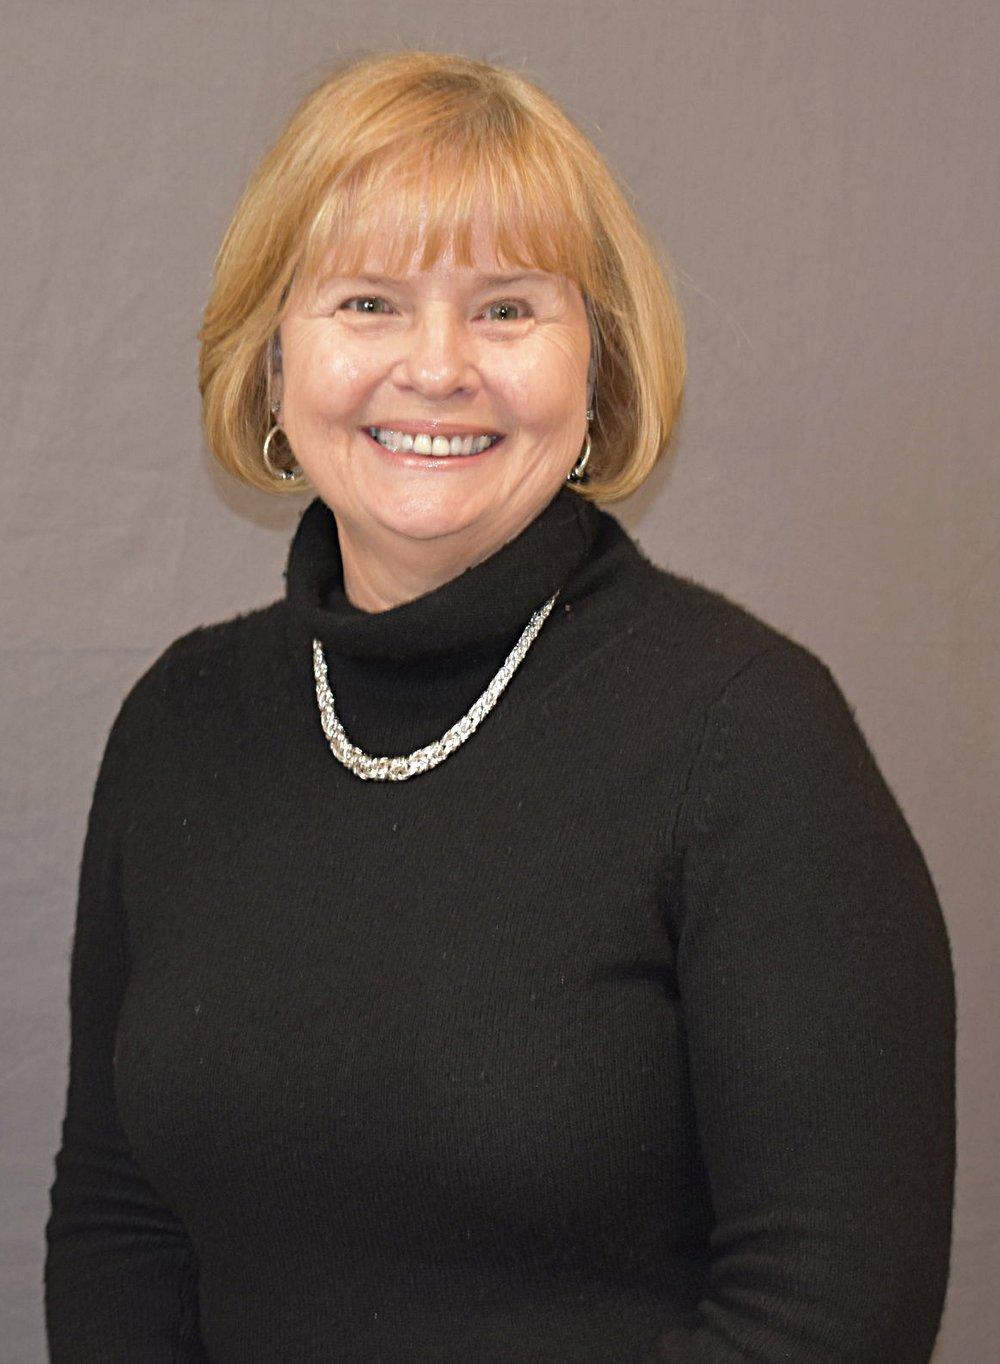 Bernadette Lavin, LCPC